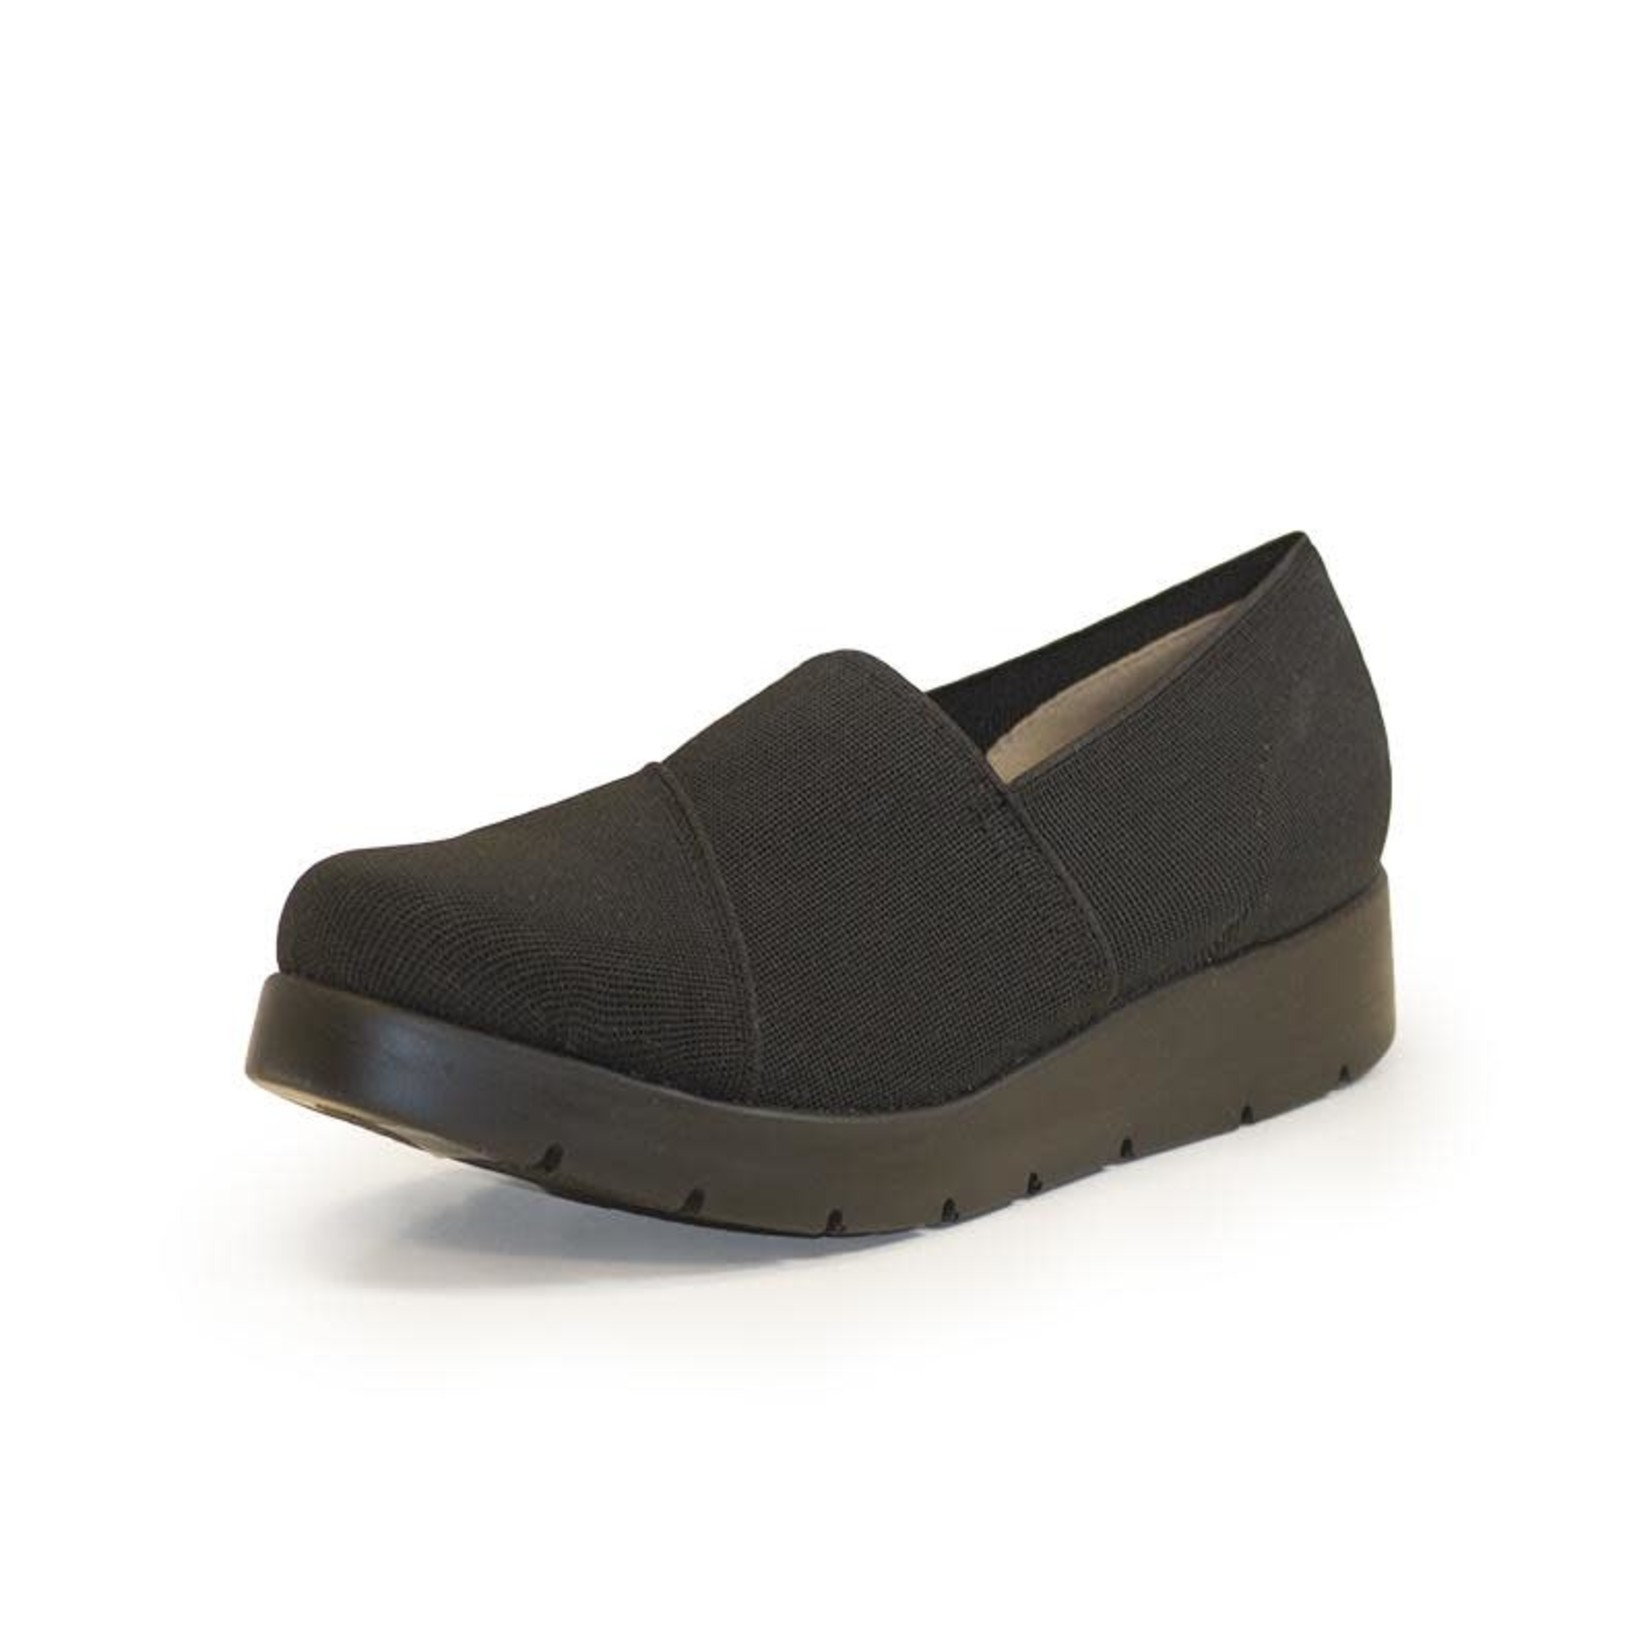 Milly Shoe in Black 7